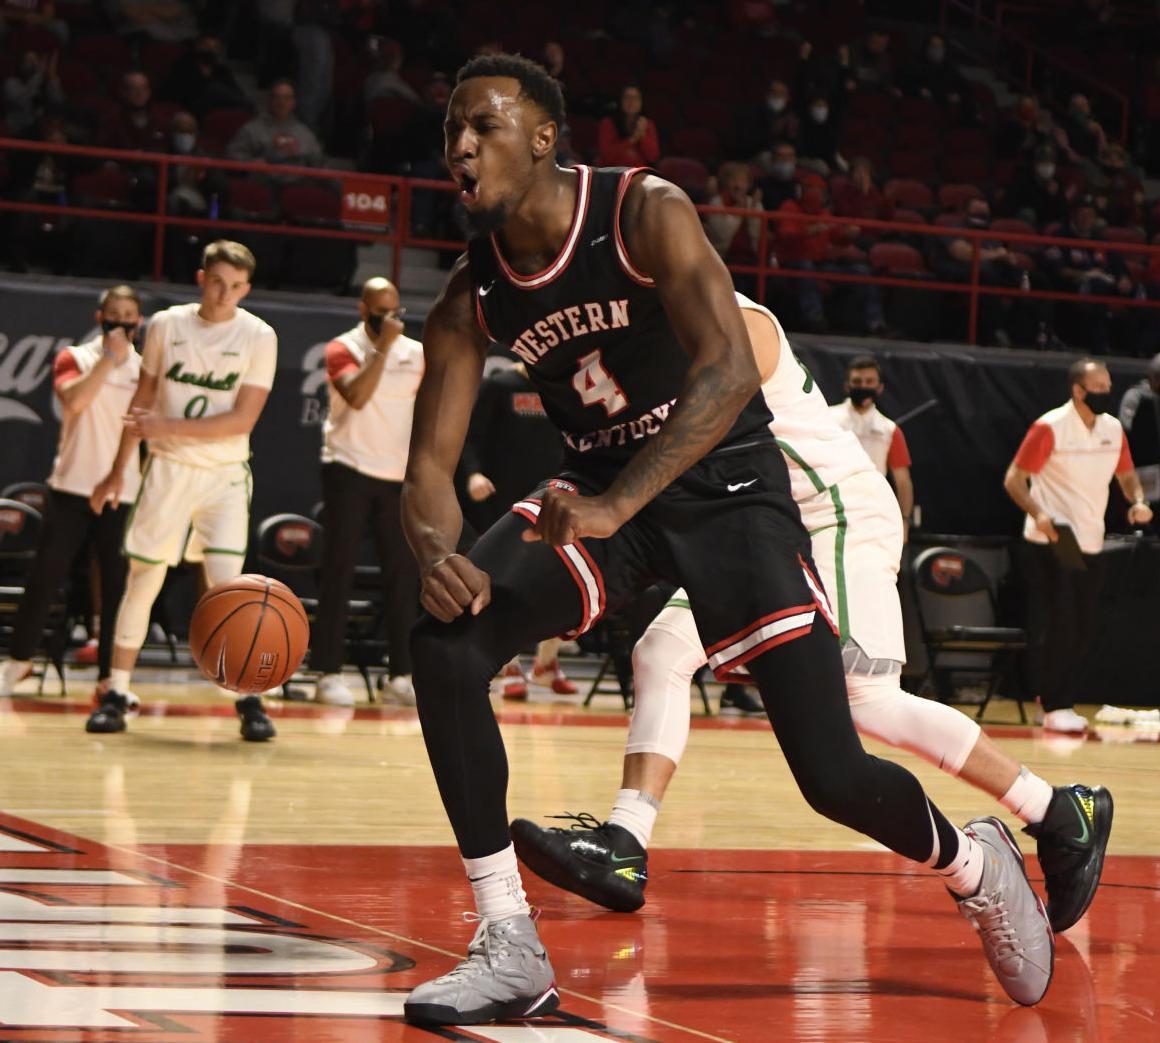 NCAA Men's Basketball 2021: Marshall vs WKU